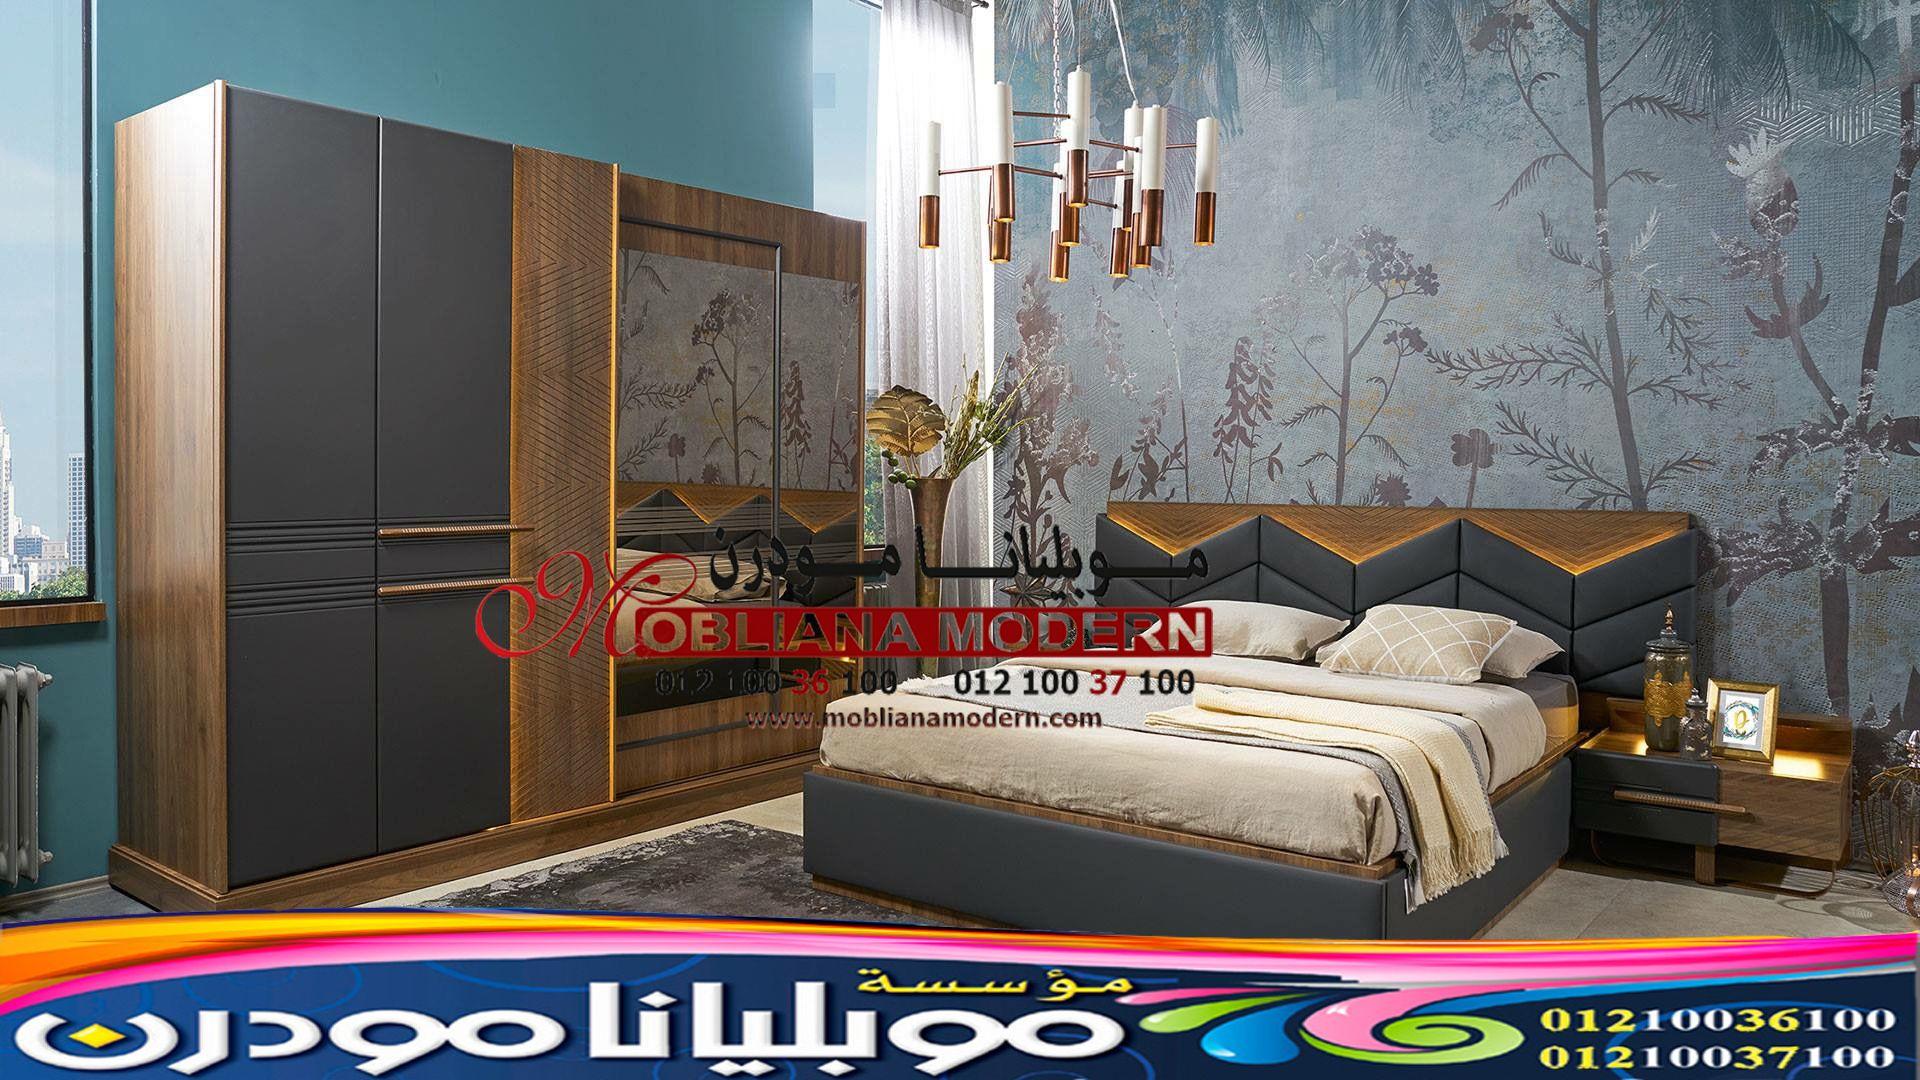 غرف نوم موبليانا مودرن غرف النوم الجرار غرف نوم جرار تركي Home Decor Home Furniture